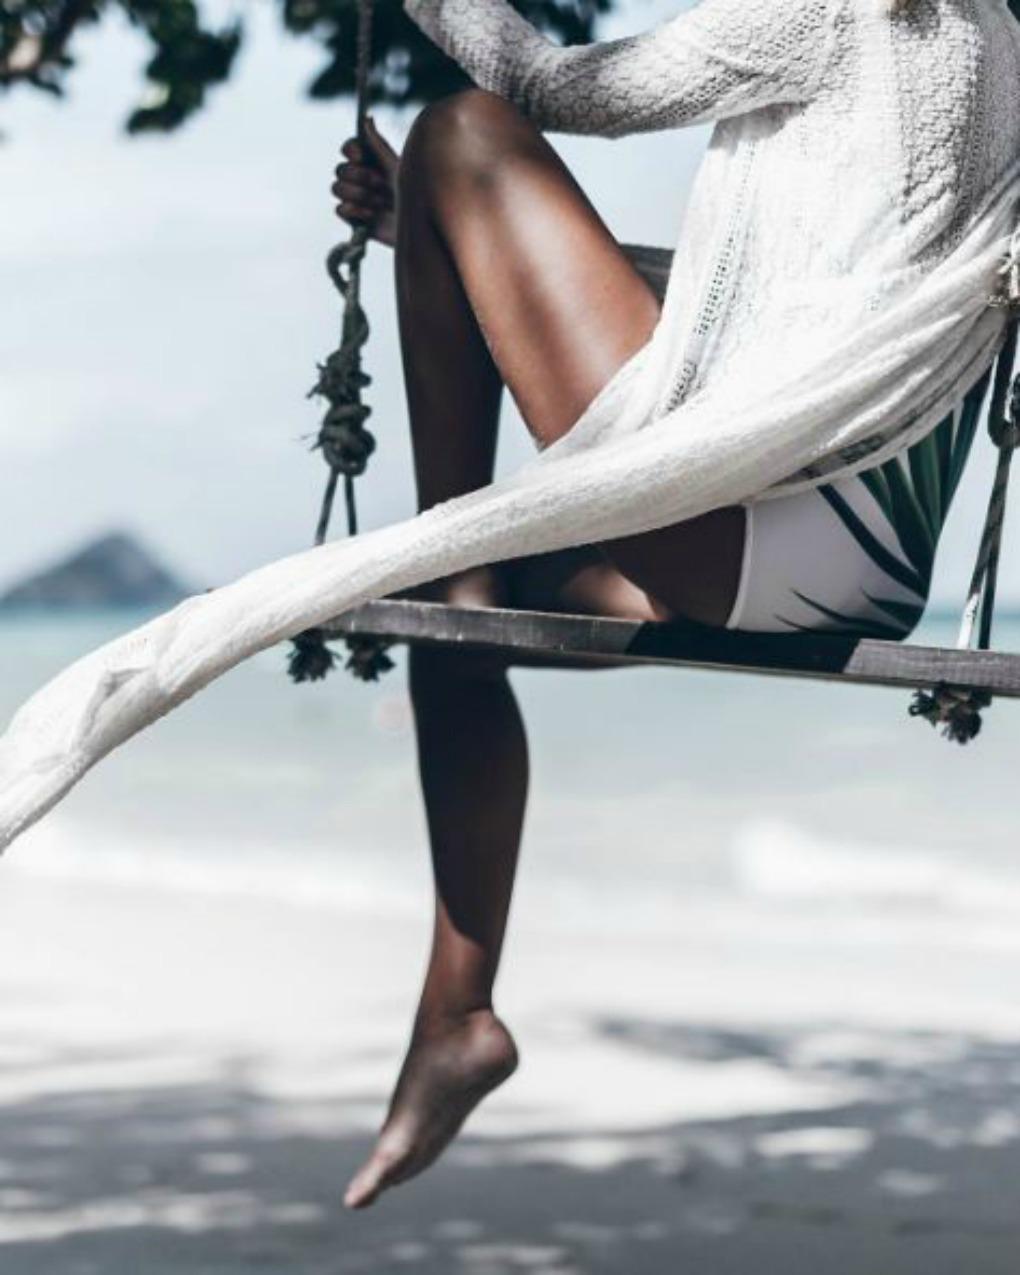 Words have power: i nostri pensieri creano la nostra realtà, alessia milanese, thechilicool, fashion blog, fashion blogger